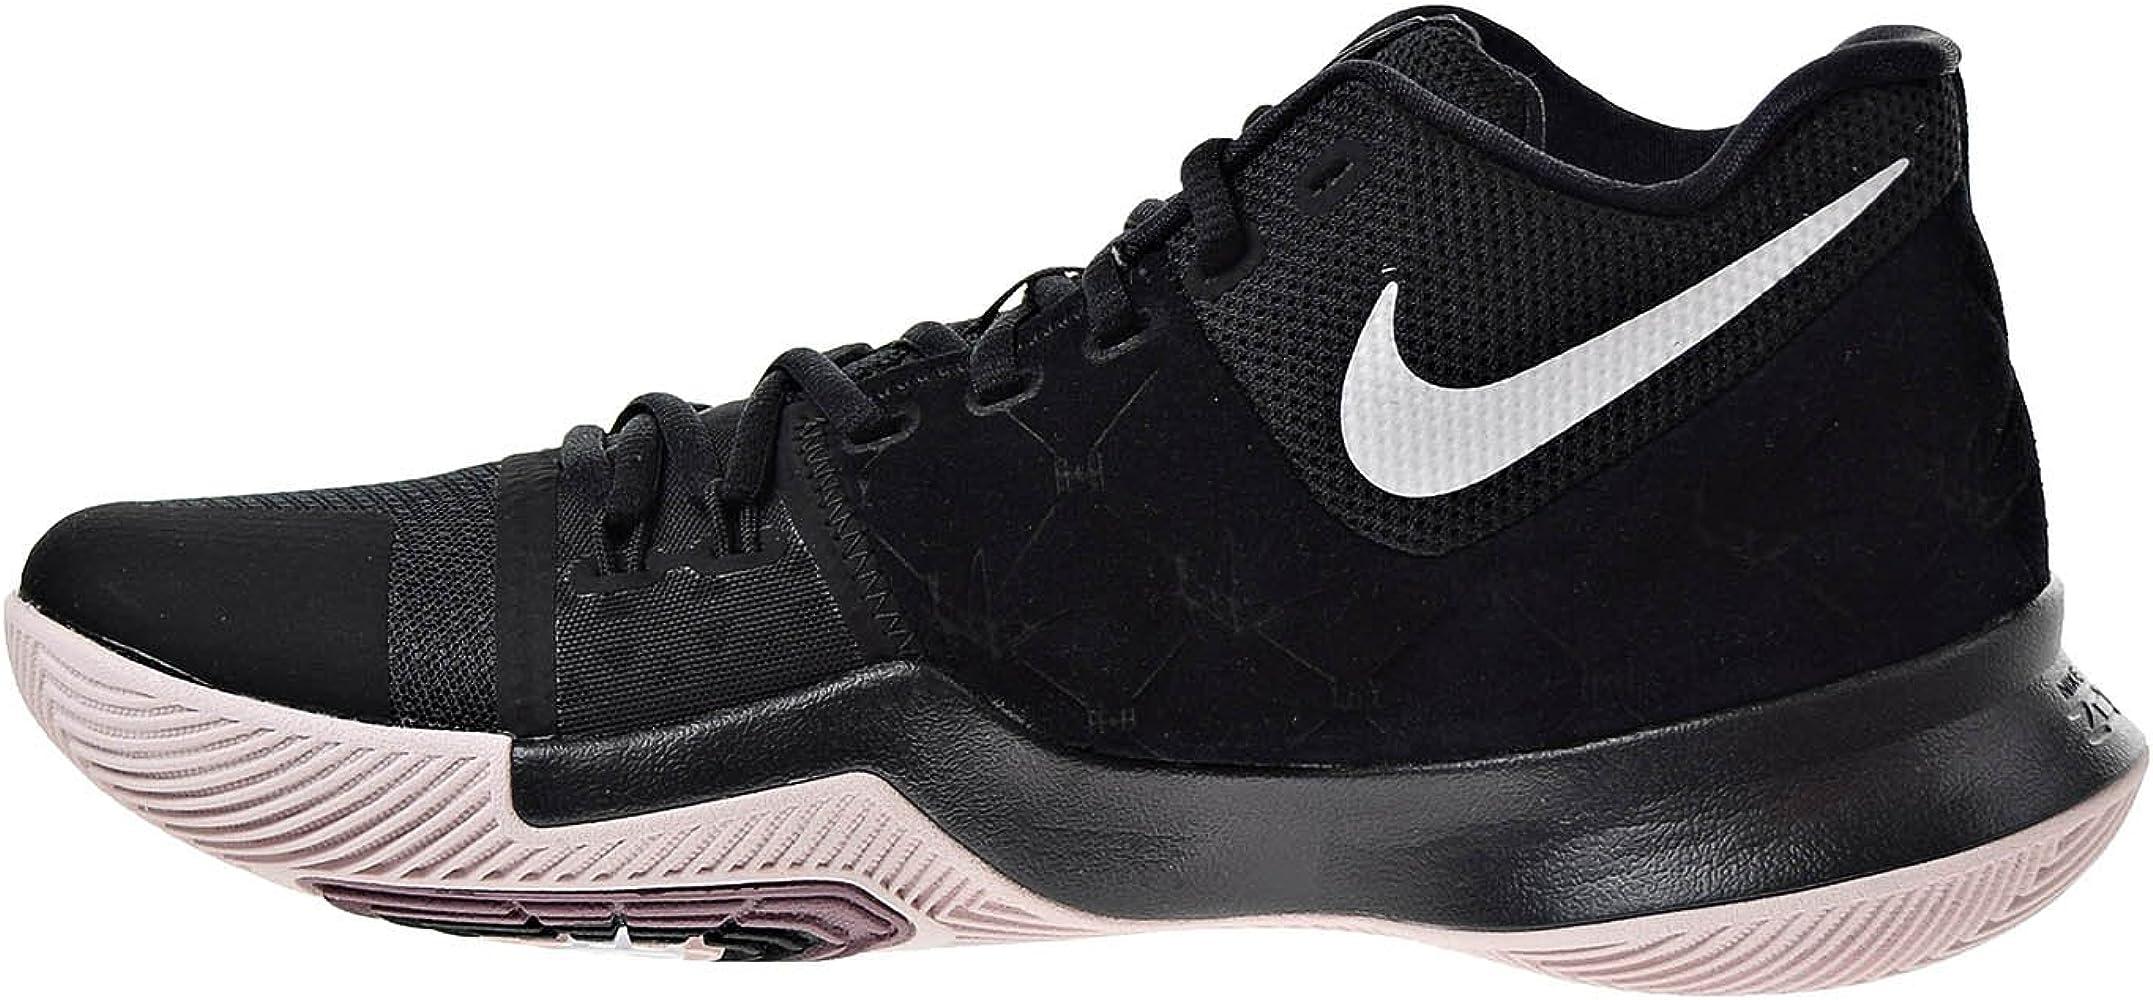 Nike Downshifter 5 MSL - Zapatillas de Running para Hombre, Color ...